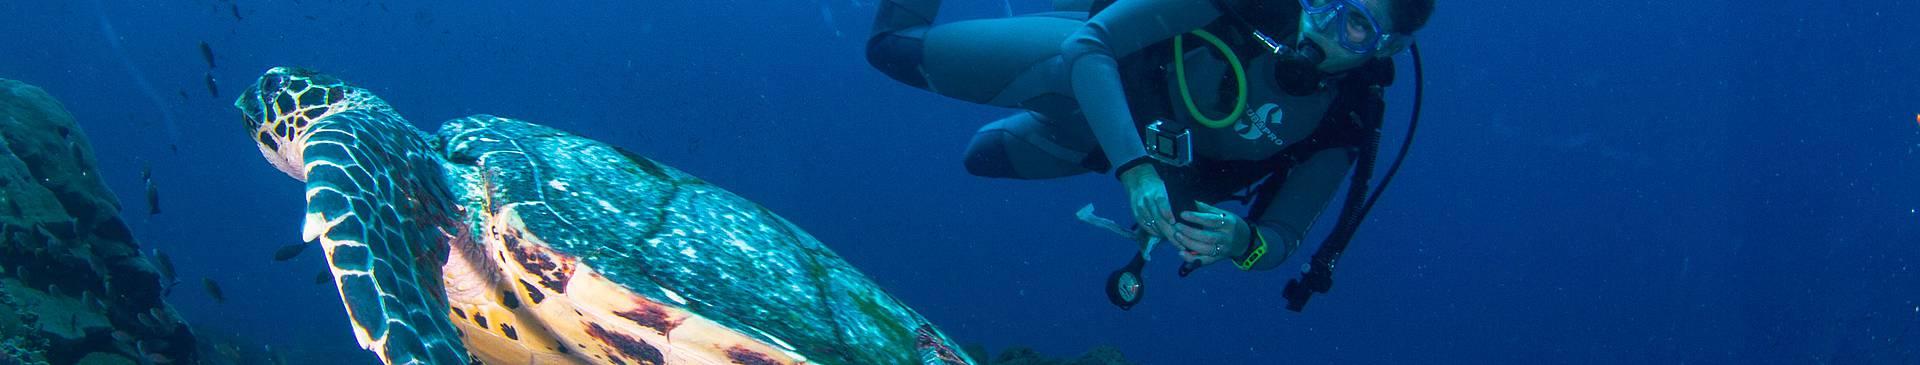 Plongée & Snorkeling en Indonésie